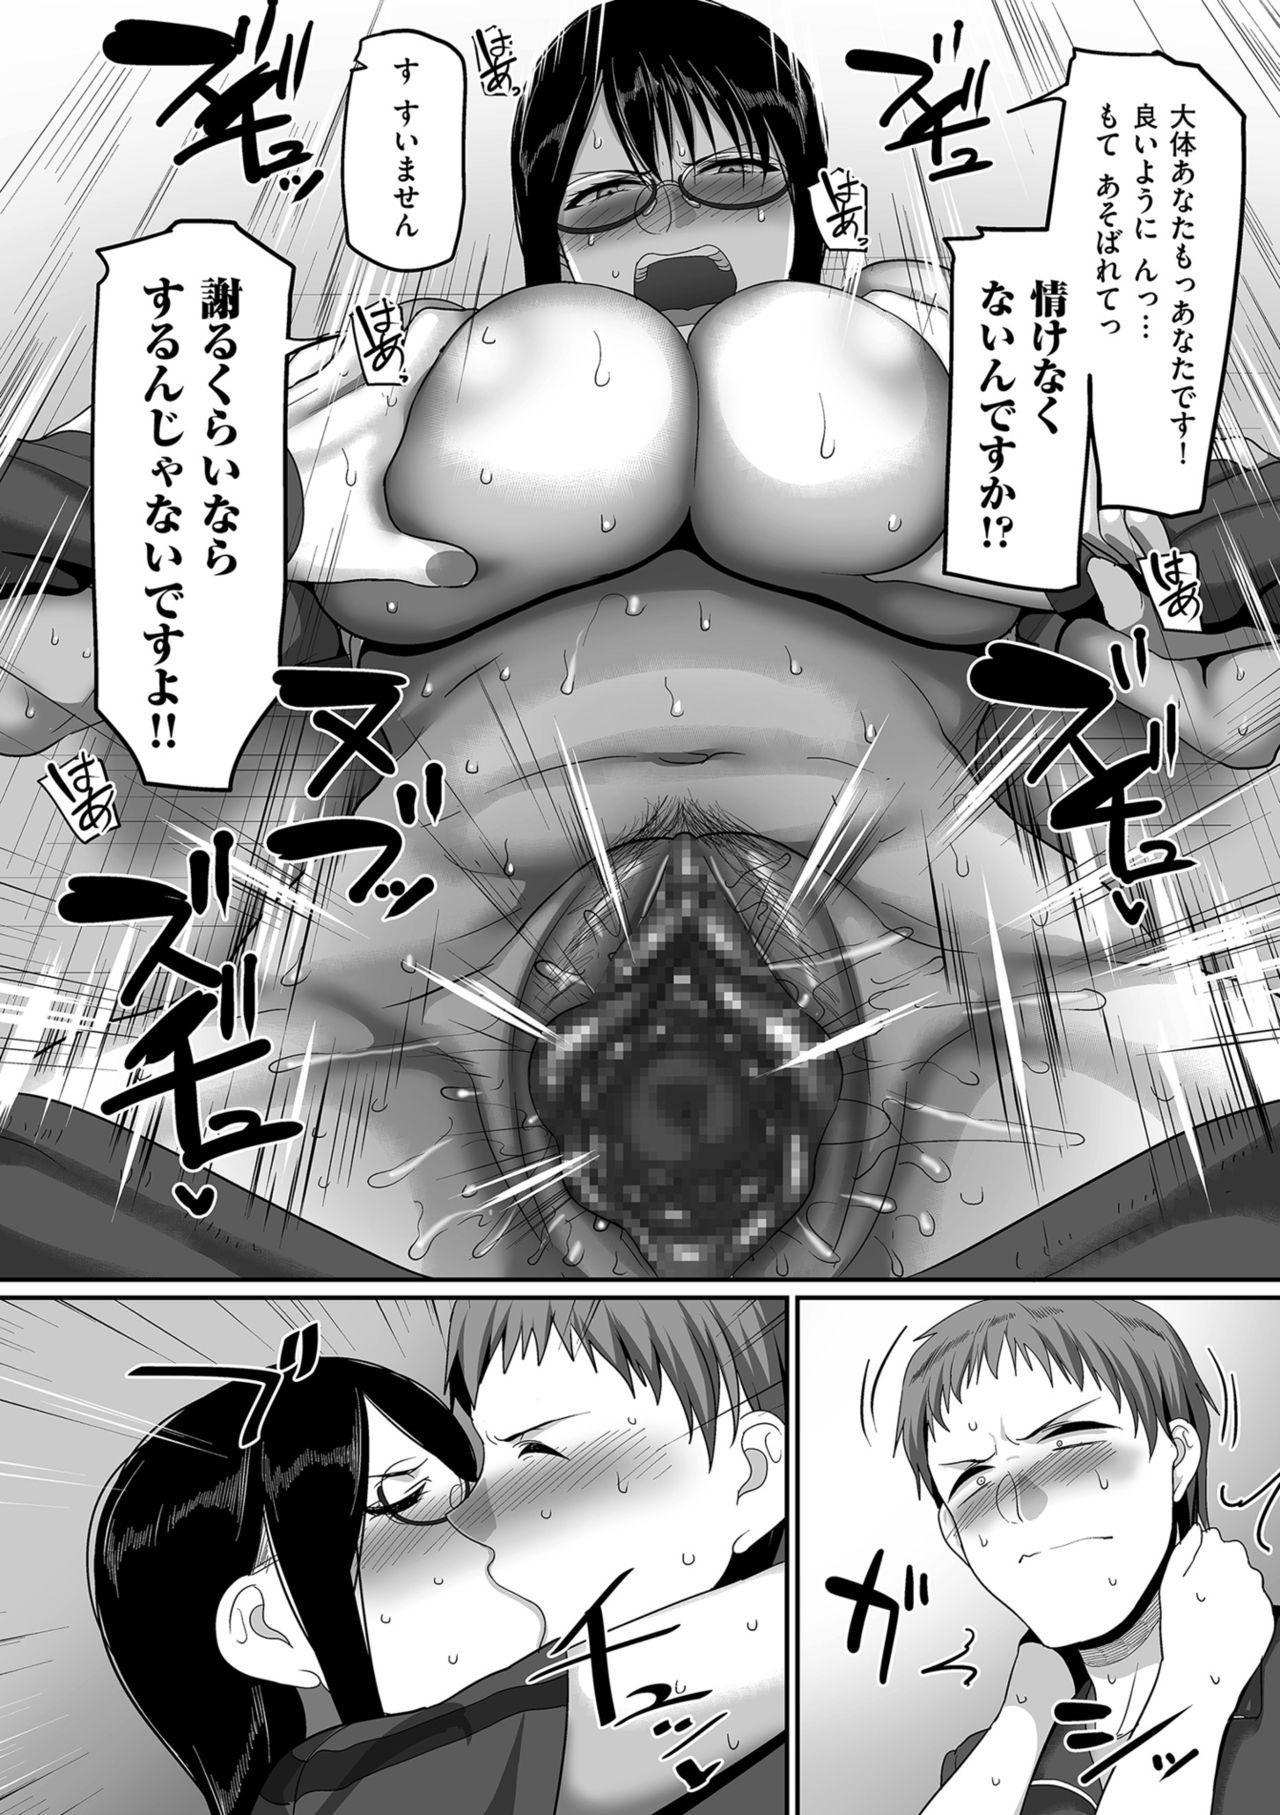 [Yamamoto Zenzen] S-ken K-shi Shakaijin Joshi Volleyball Circle no Jijou [Digital] 155